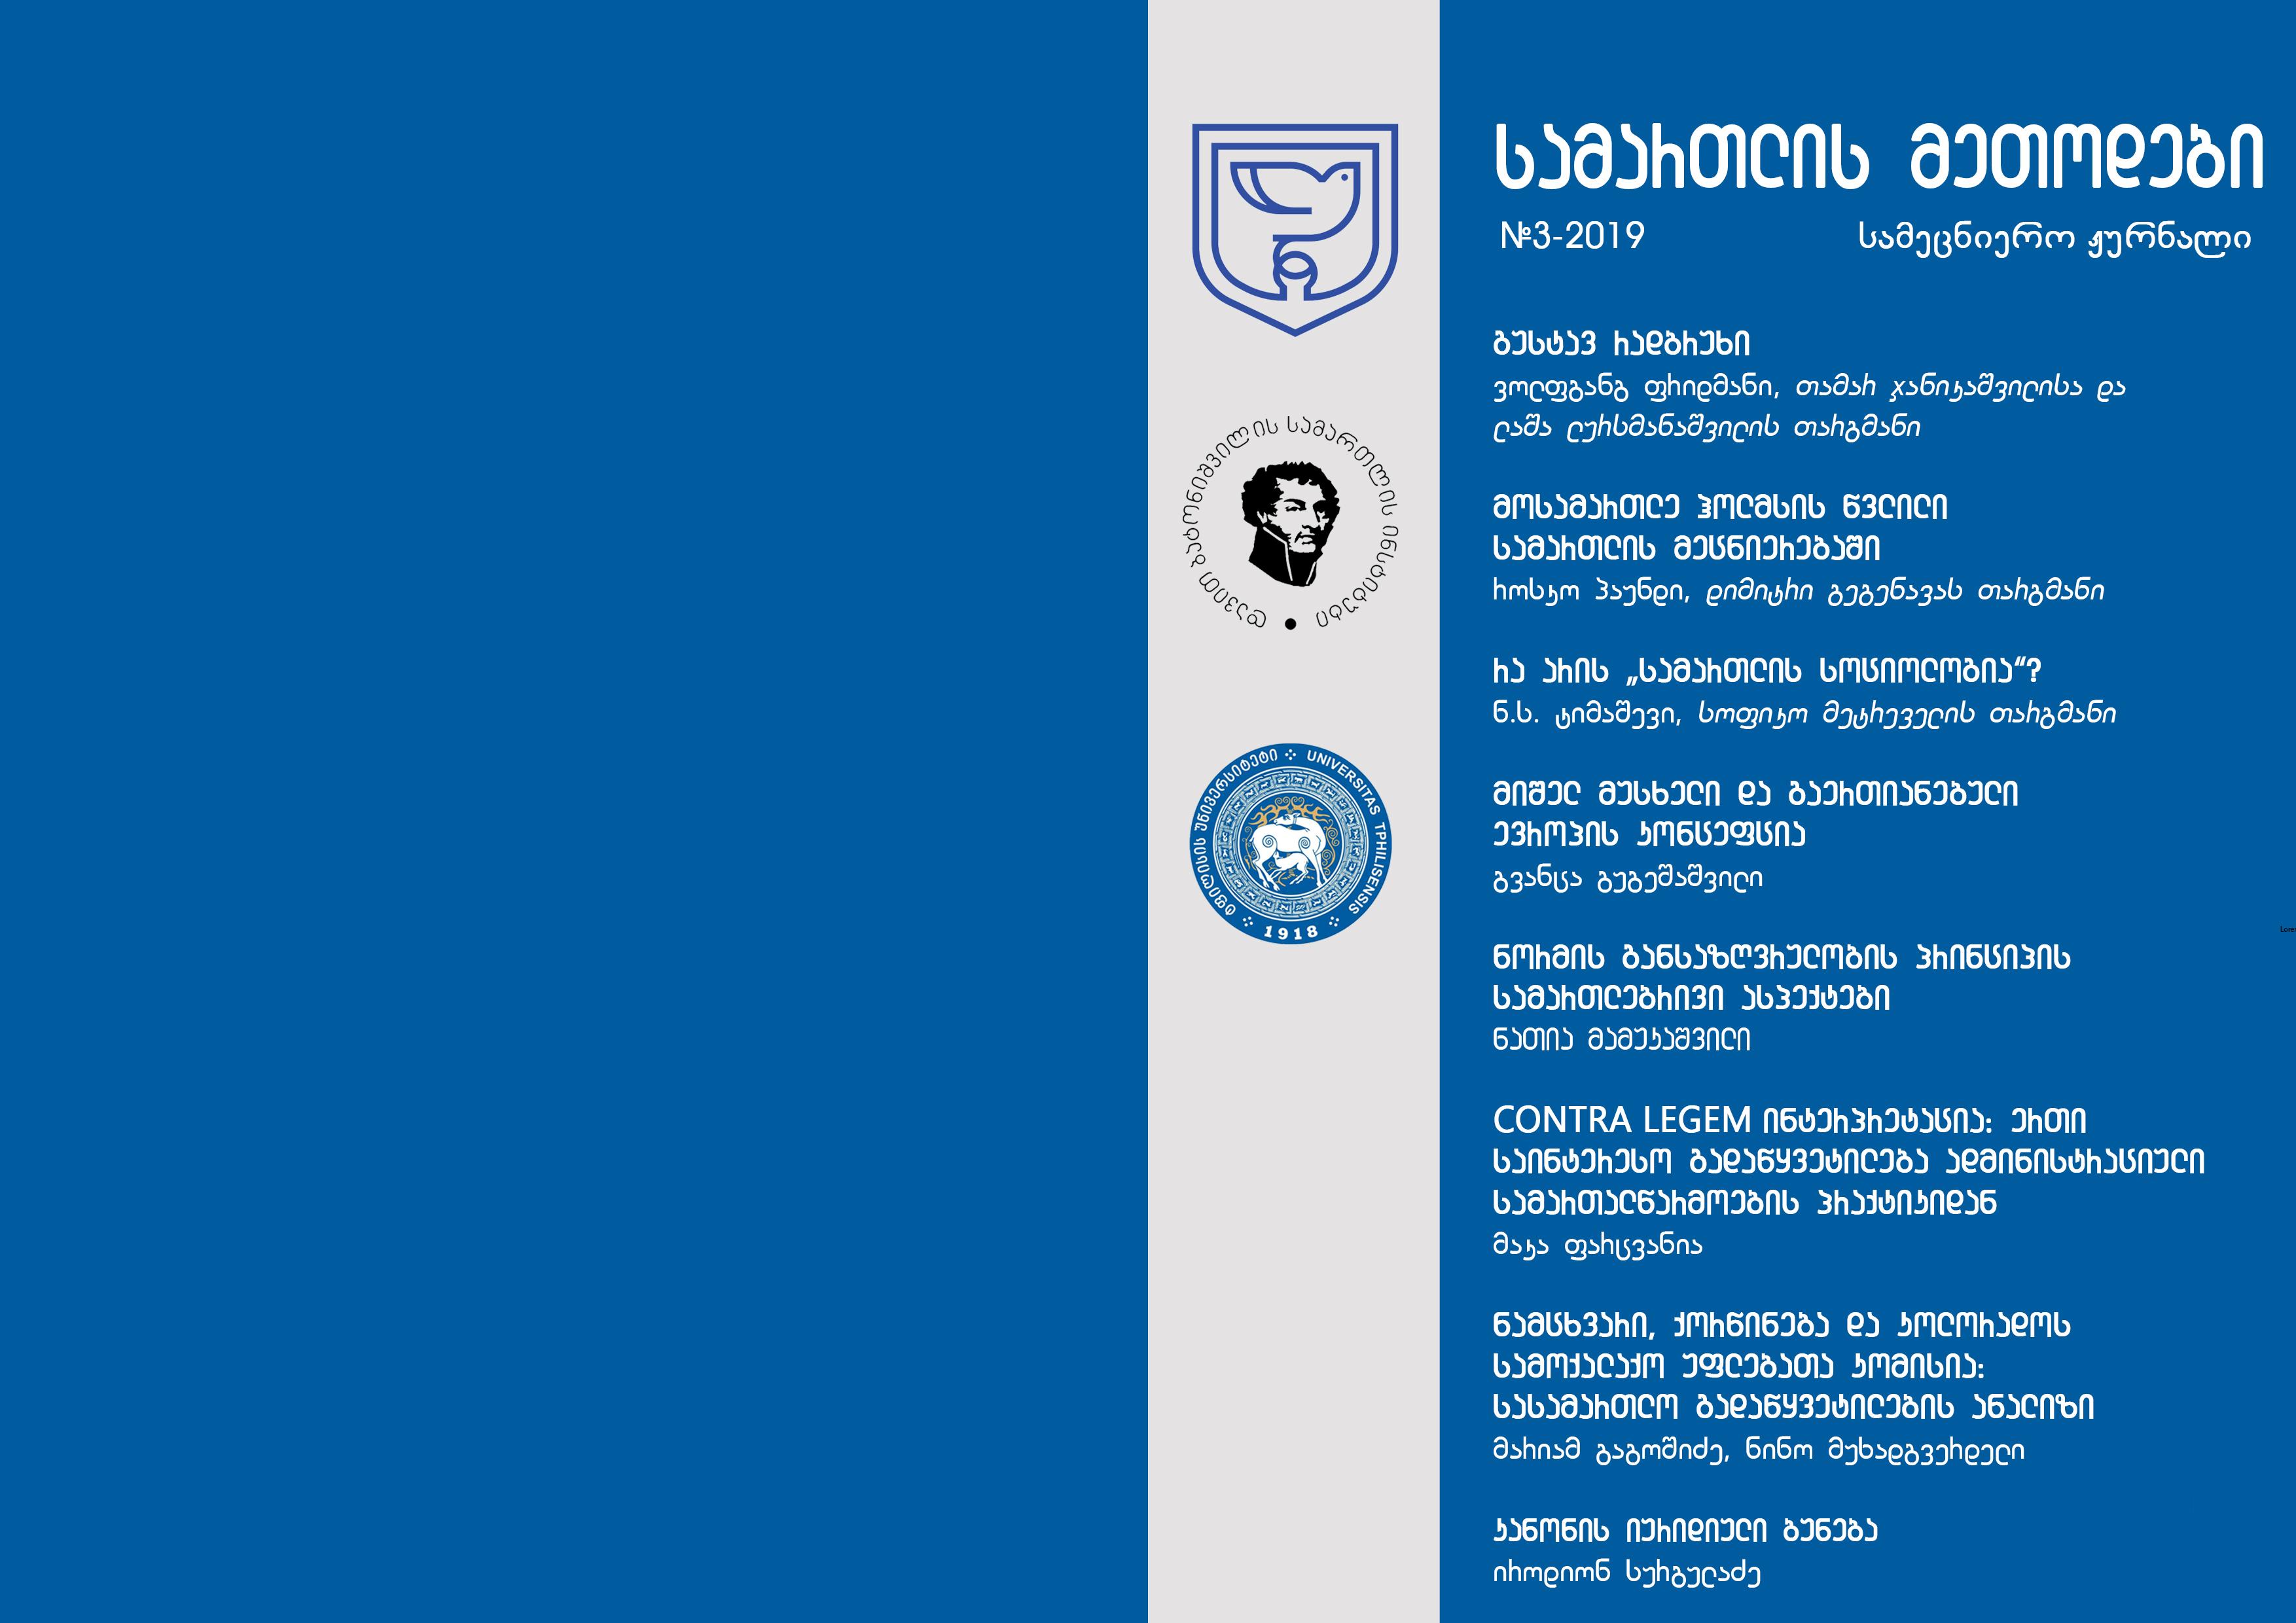 სამართლის მეთოდები N3-2019